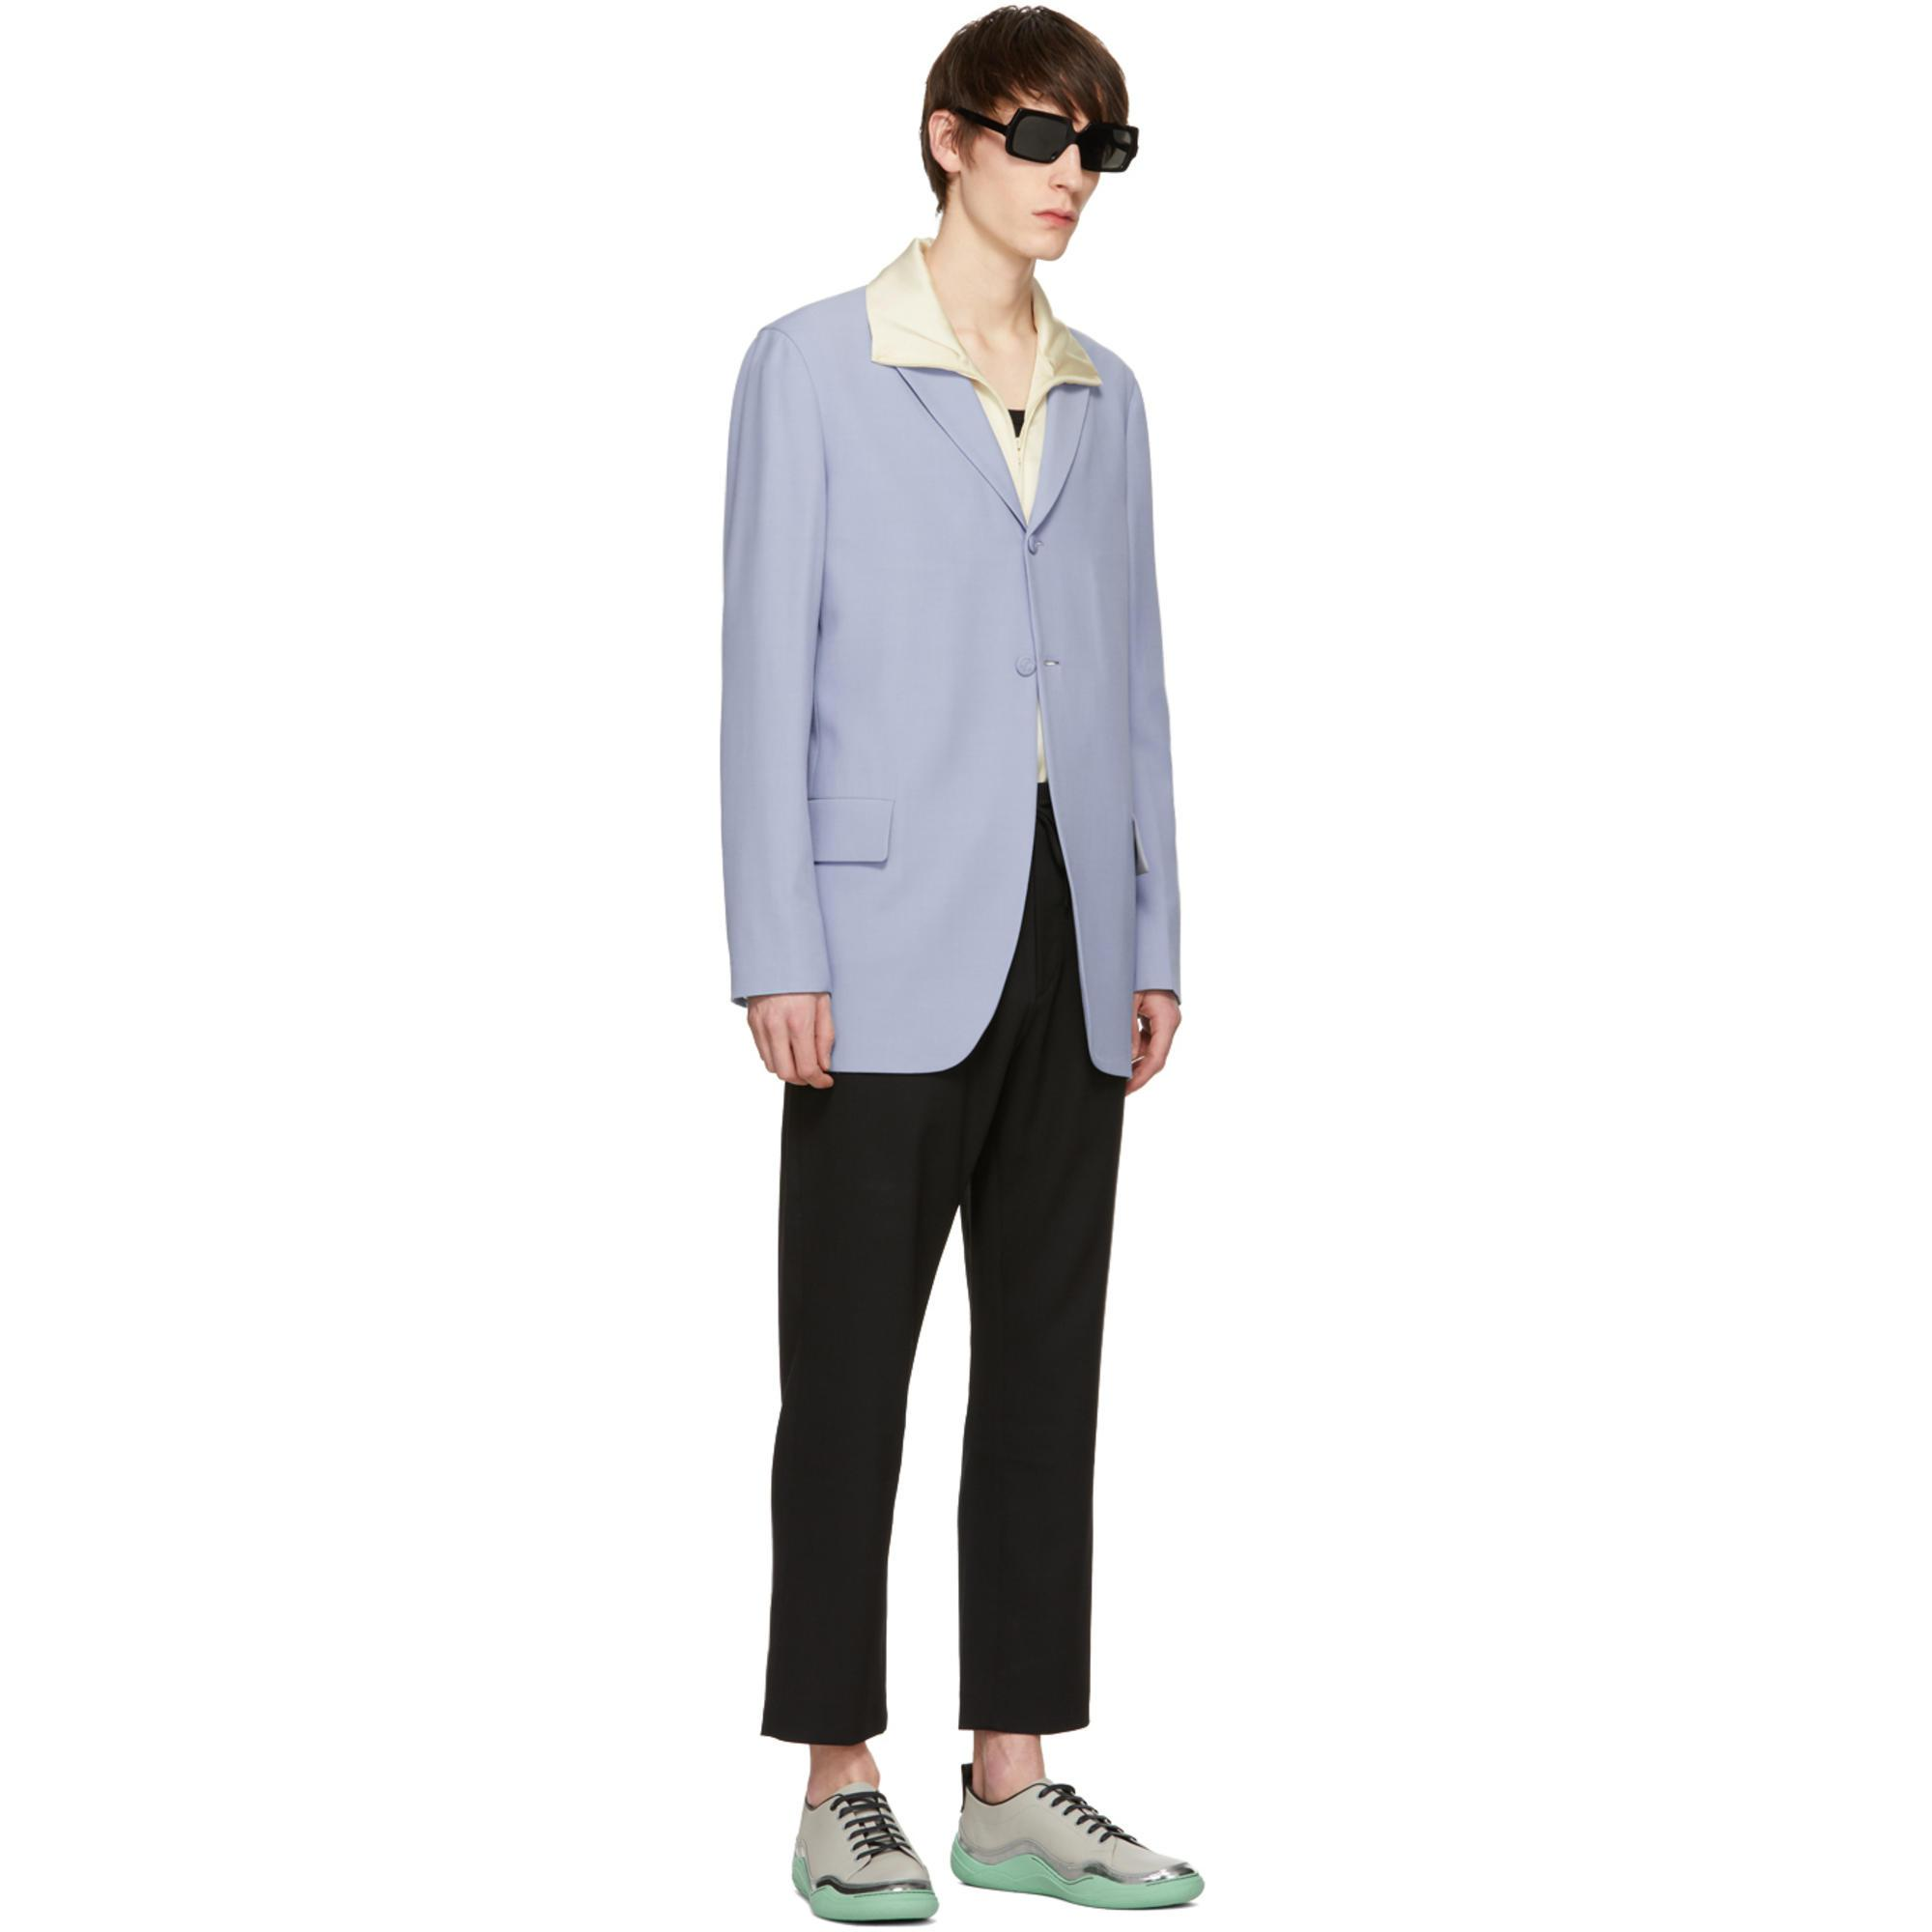 Cmmn Swdn Satin Ivory Bret Track Jacket in White for Men